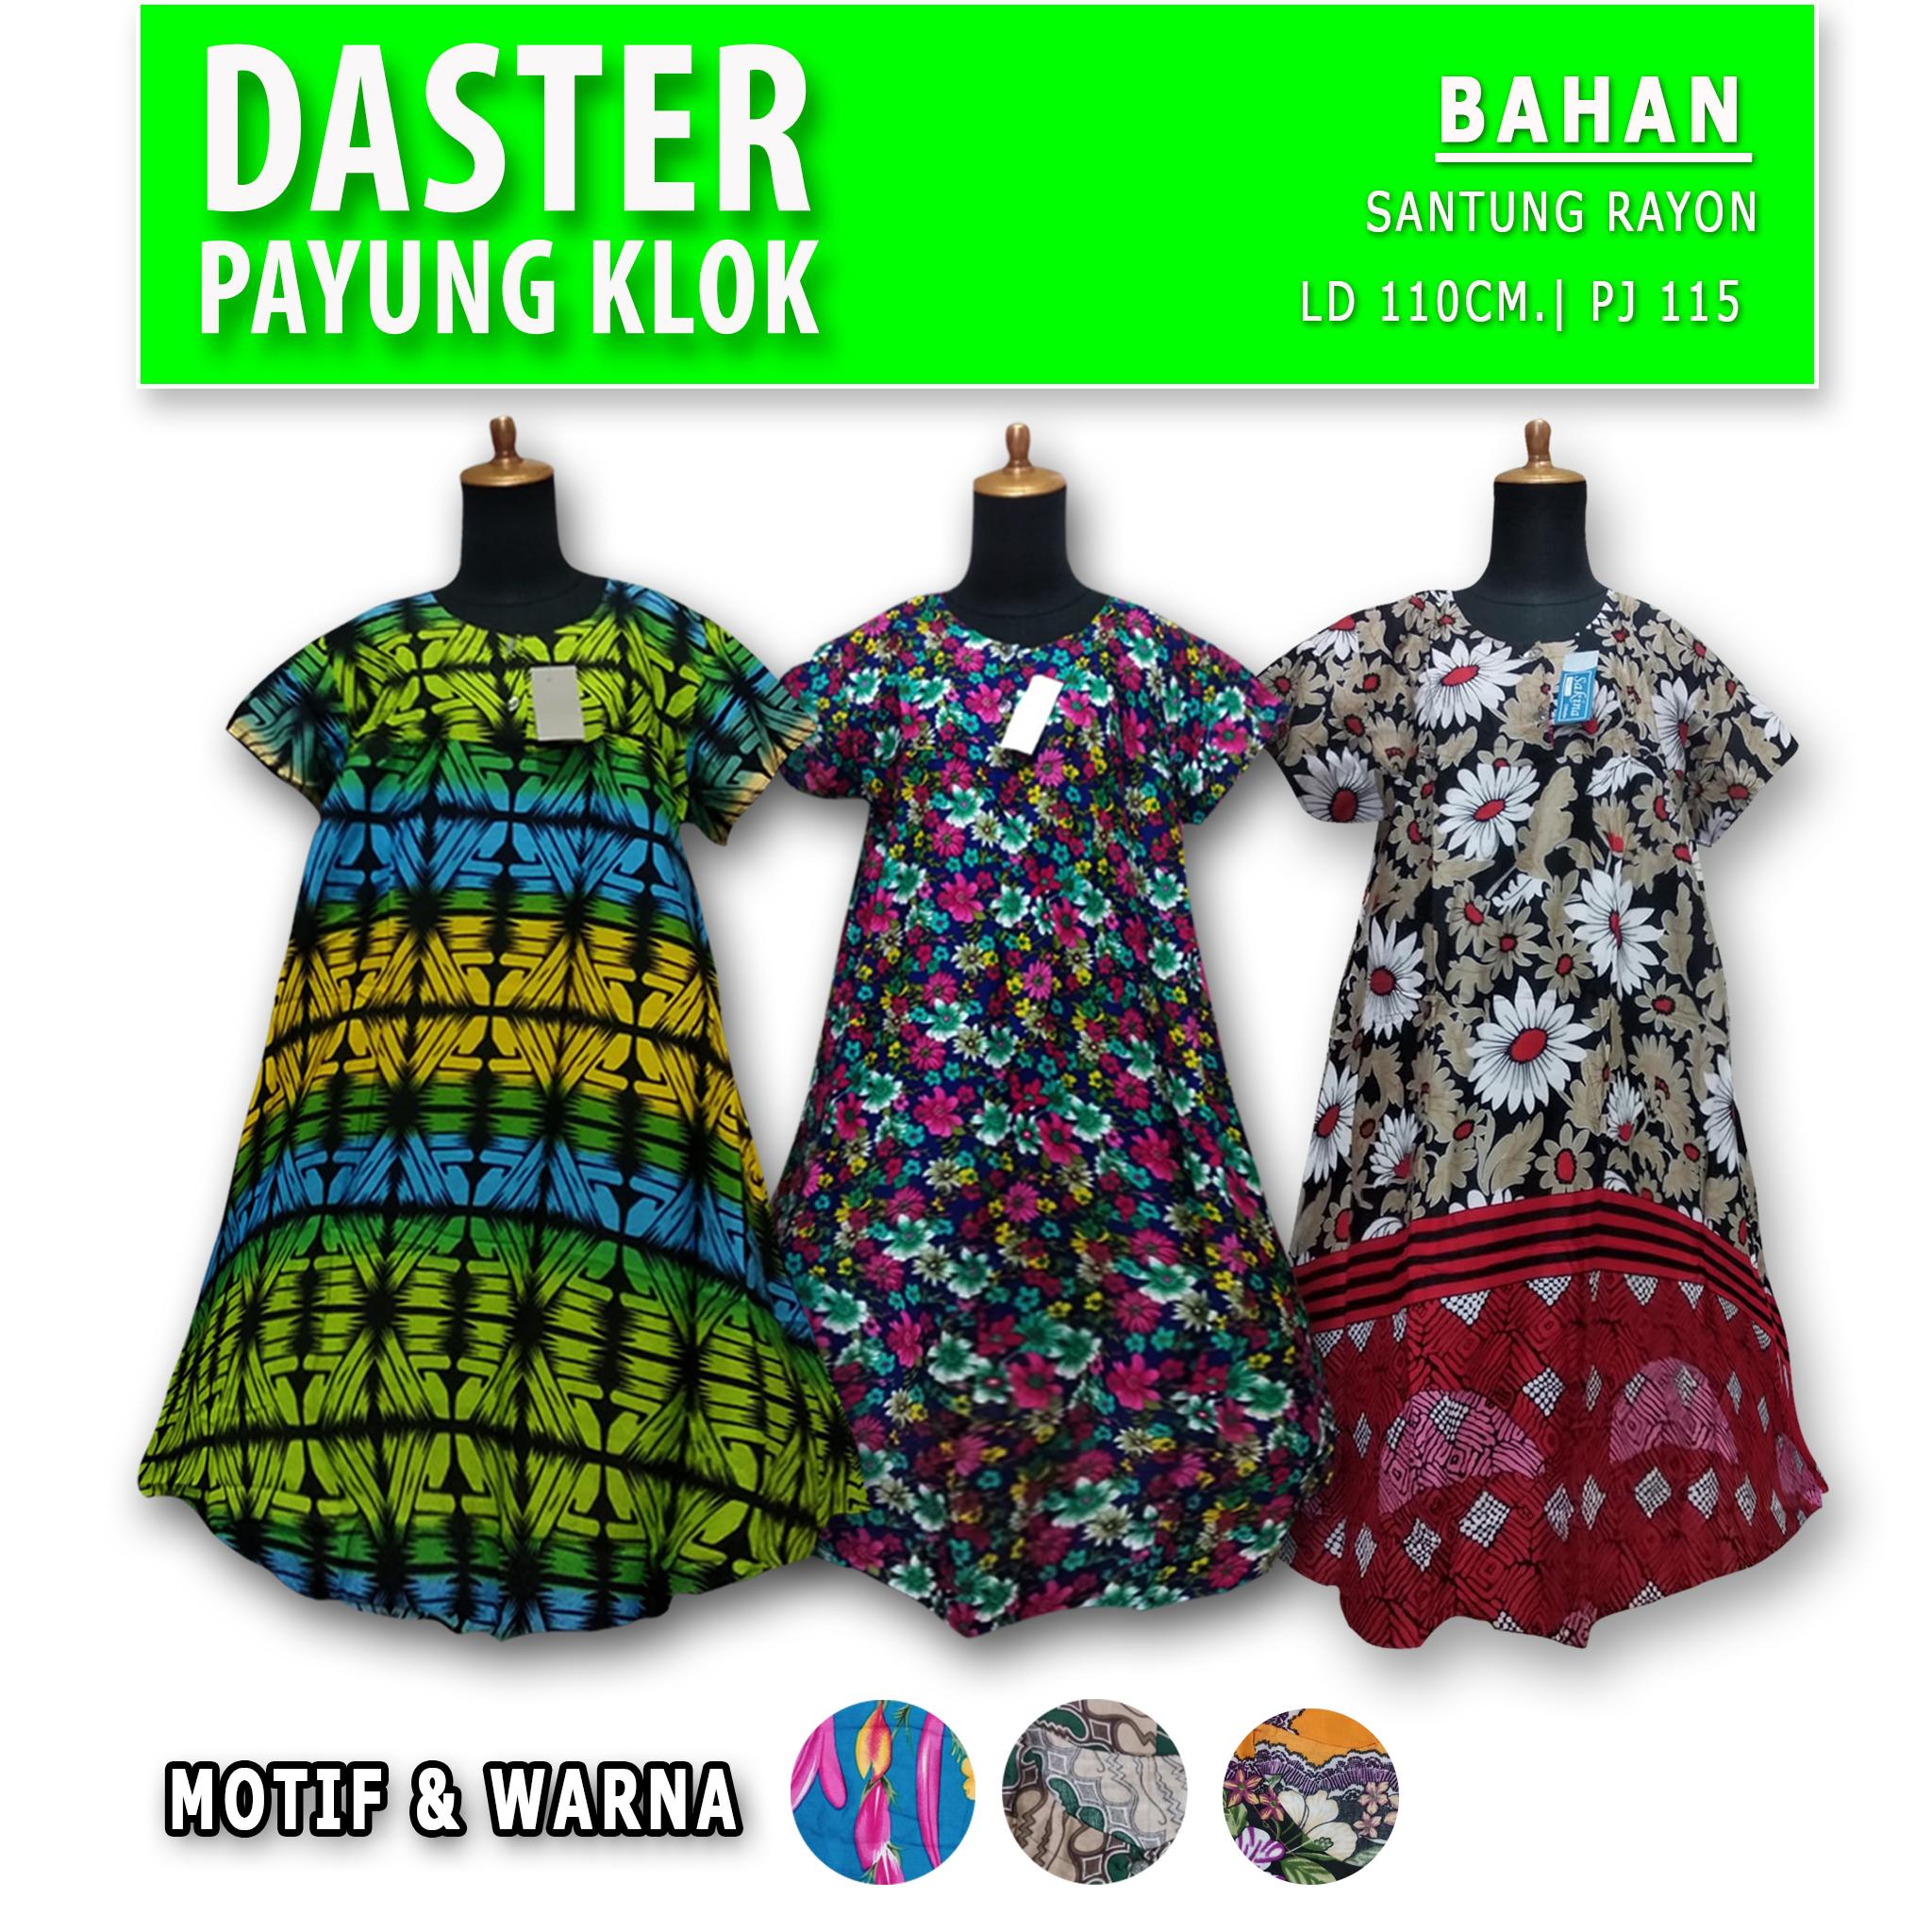 Distributor Daster Payung Klok Murah di Surabaya